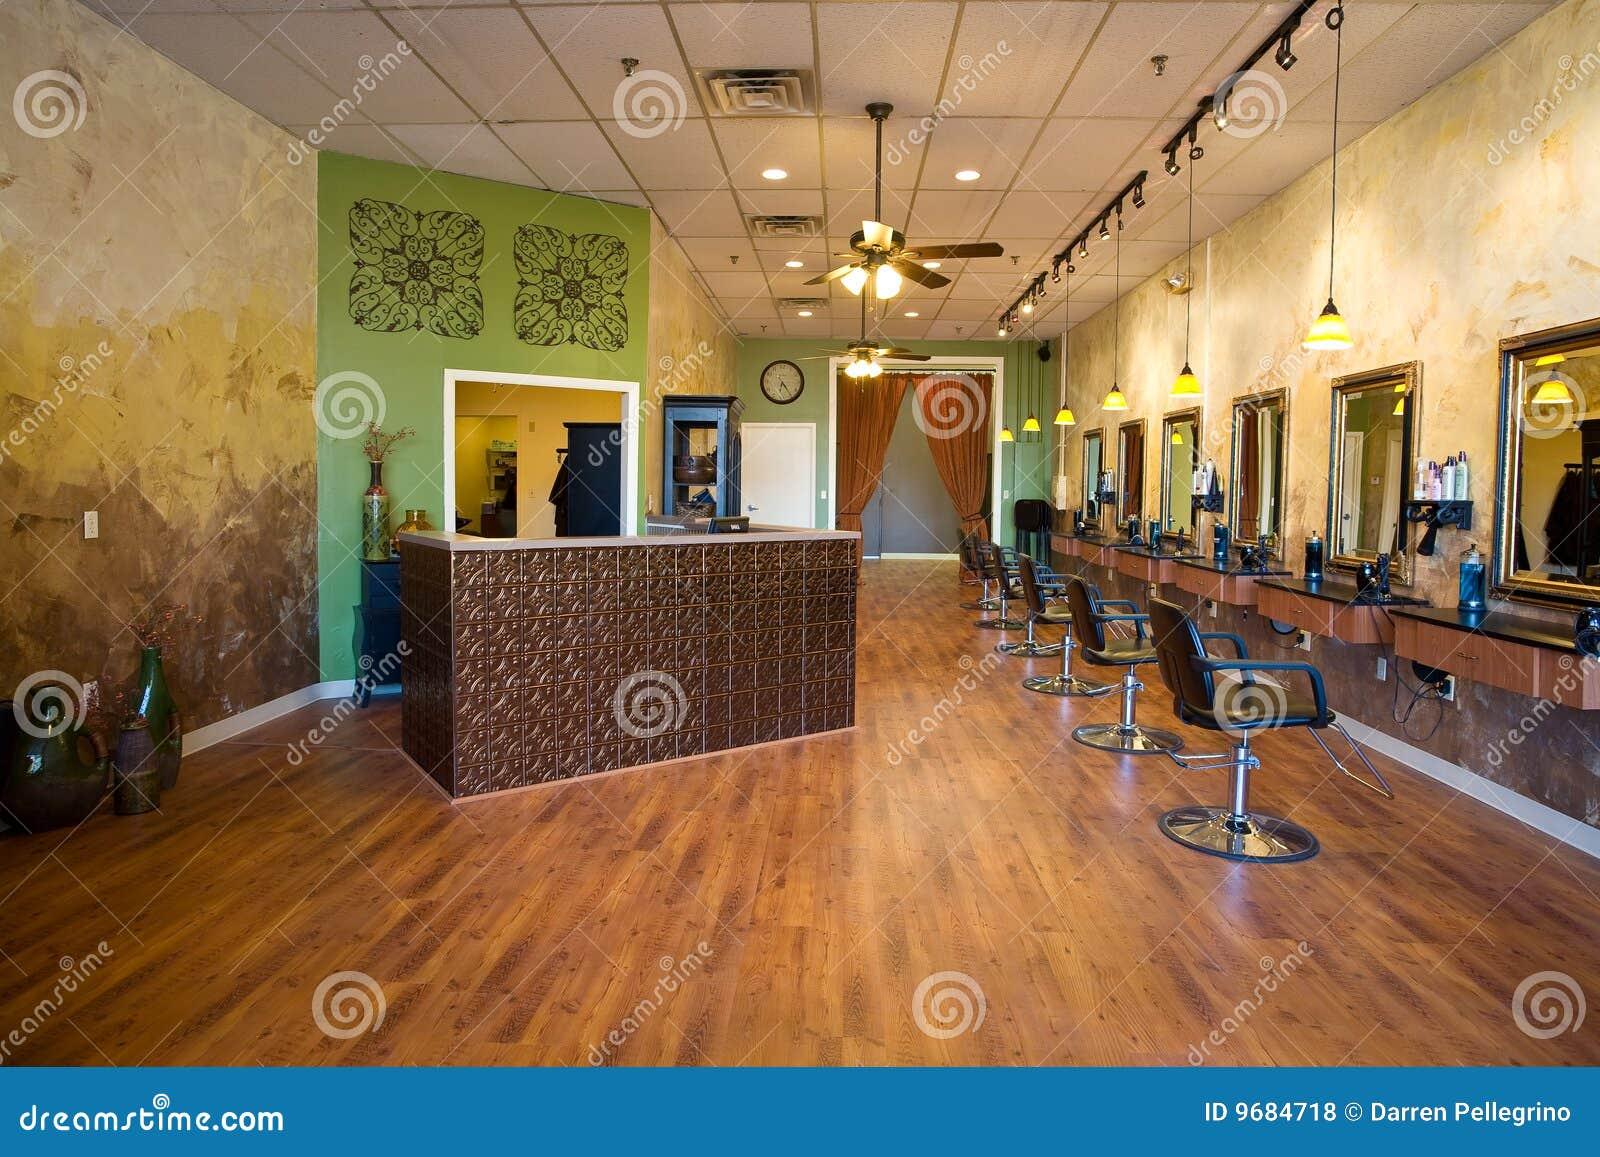 Interior del sal n de belleza fotos de archivo libres de for Spa y salon de belleza